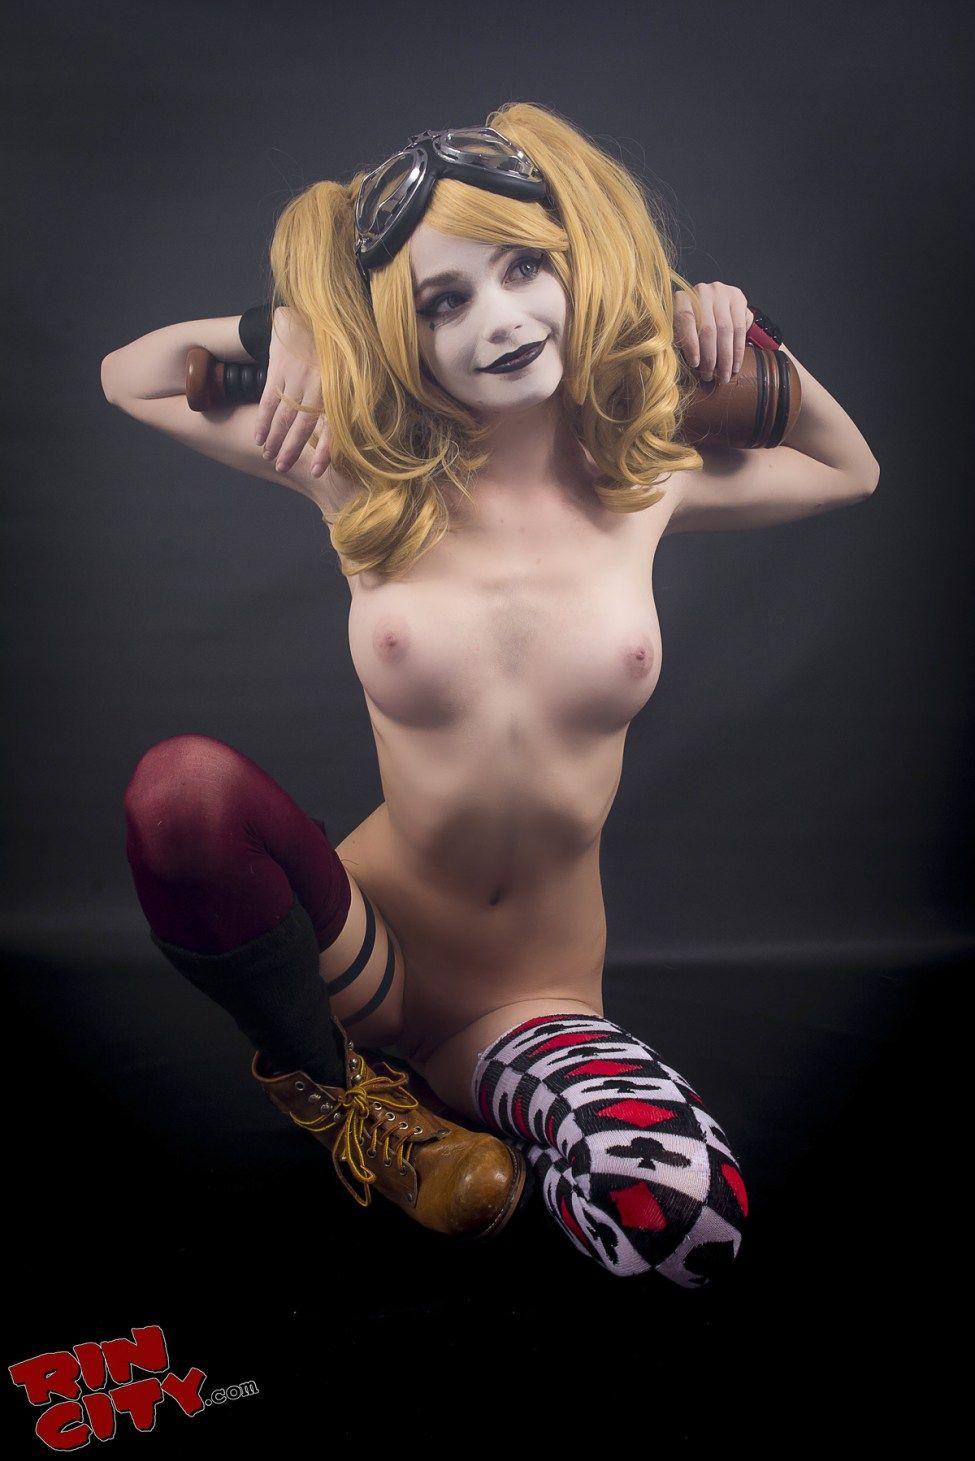 quinn naked Harley